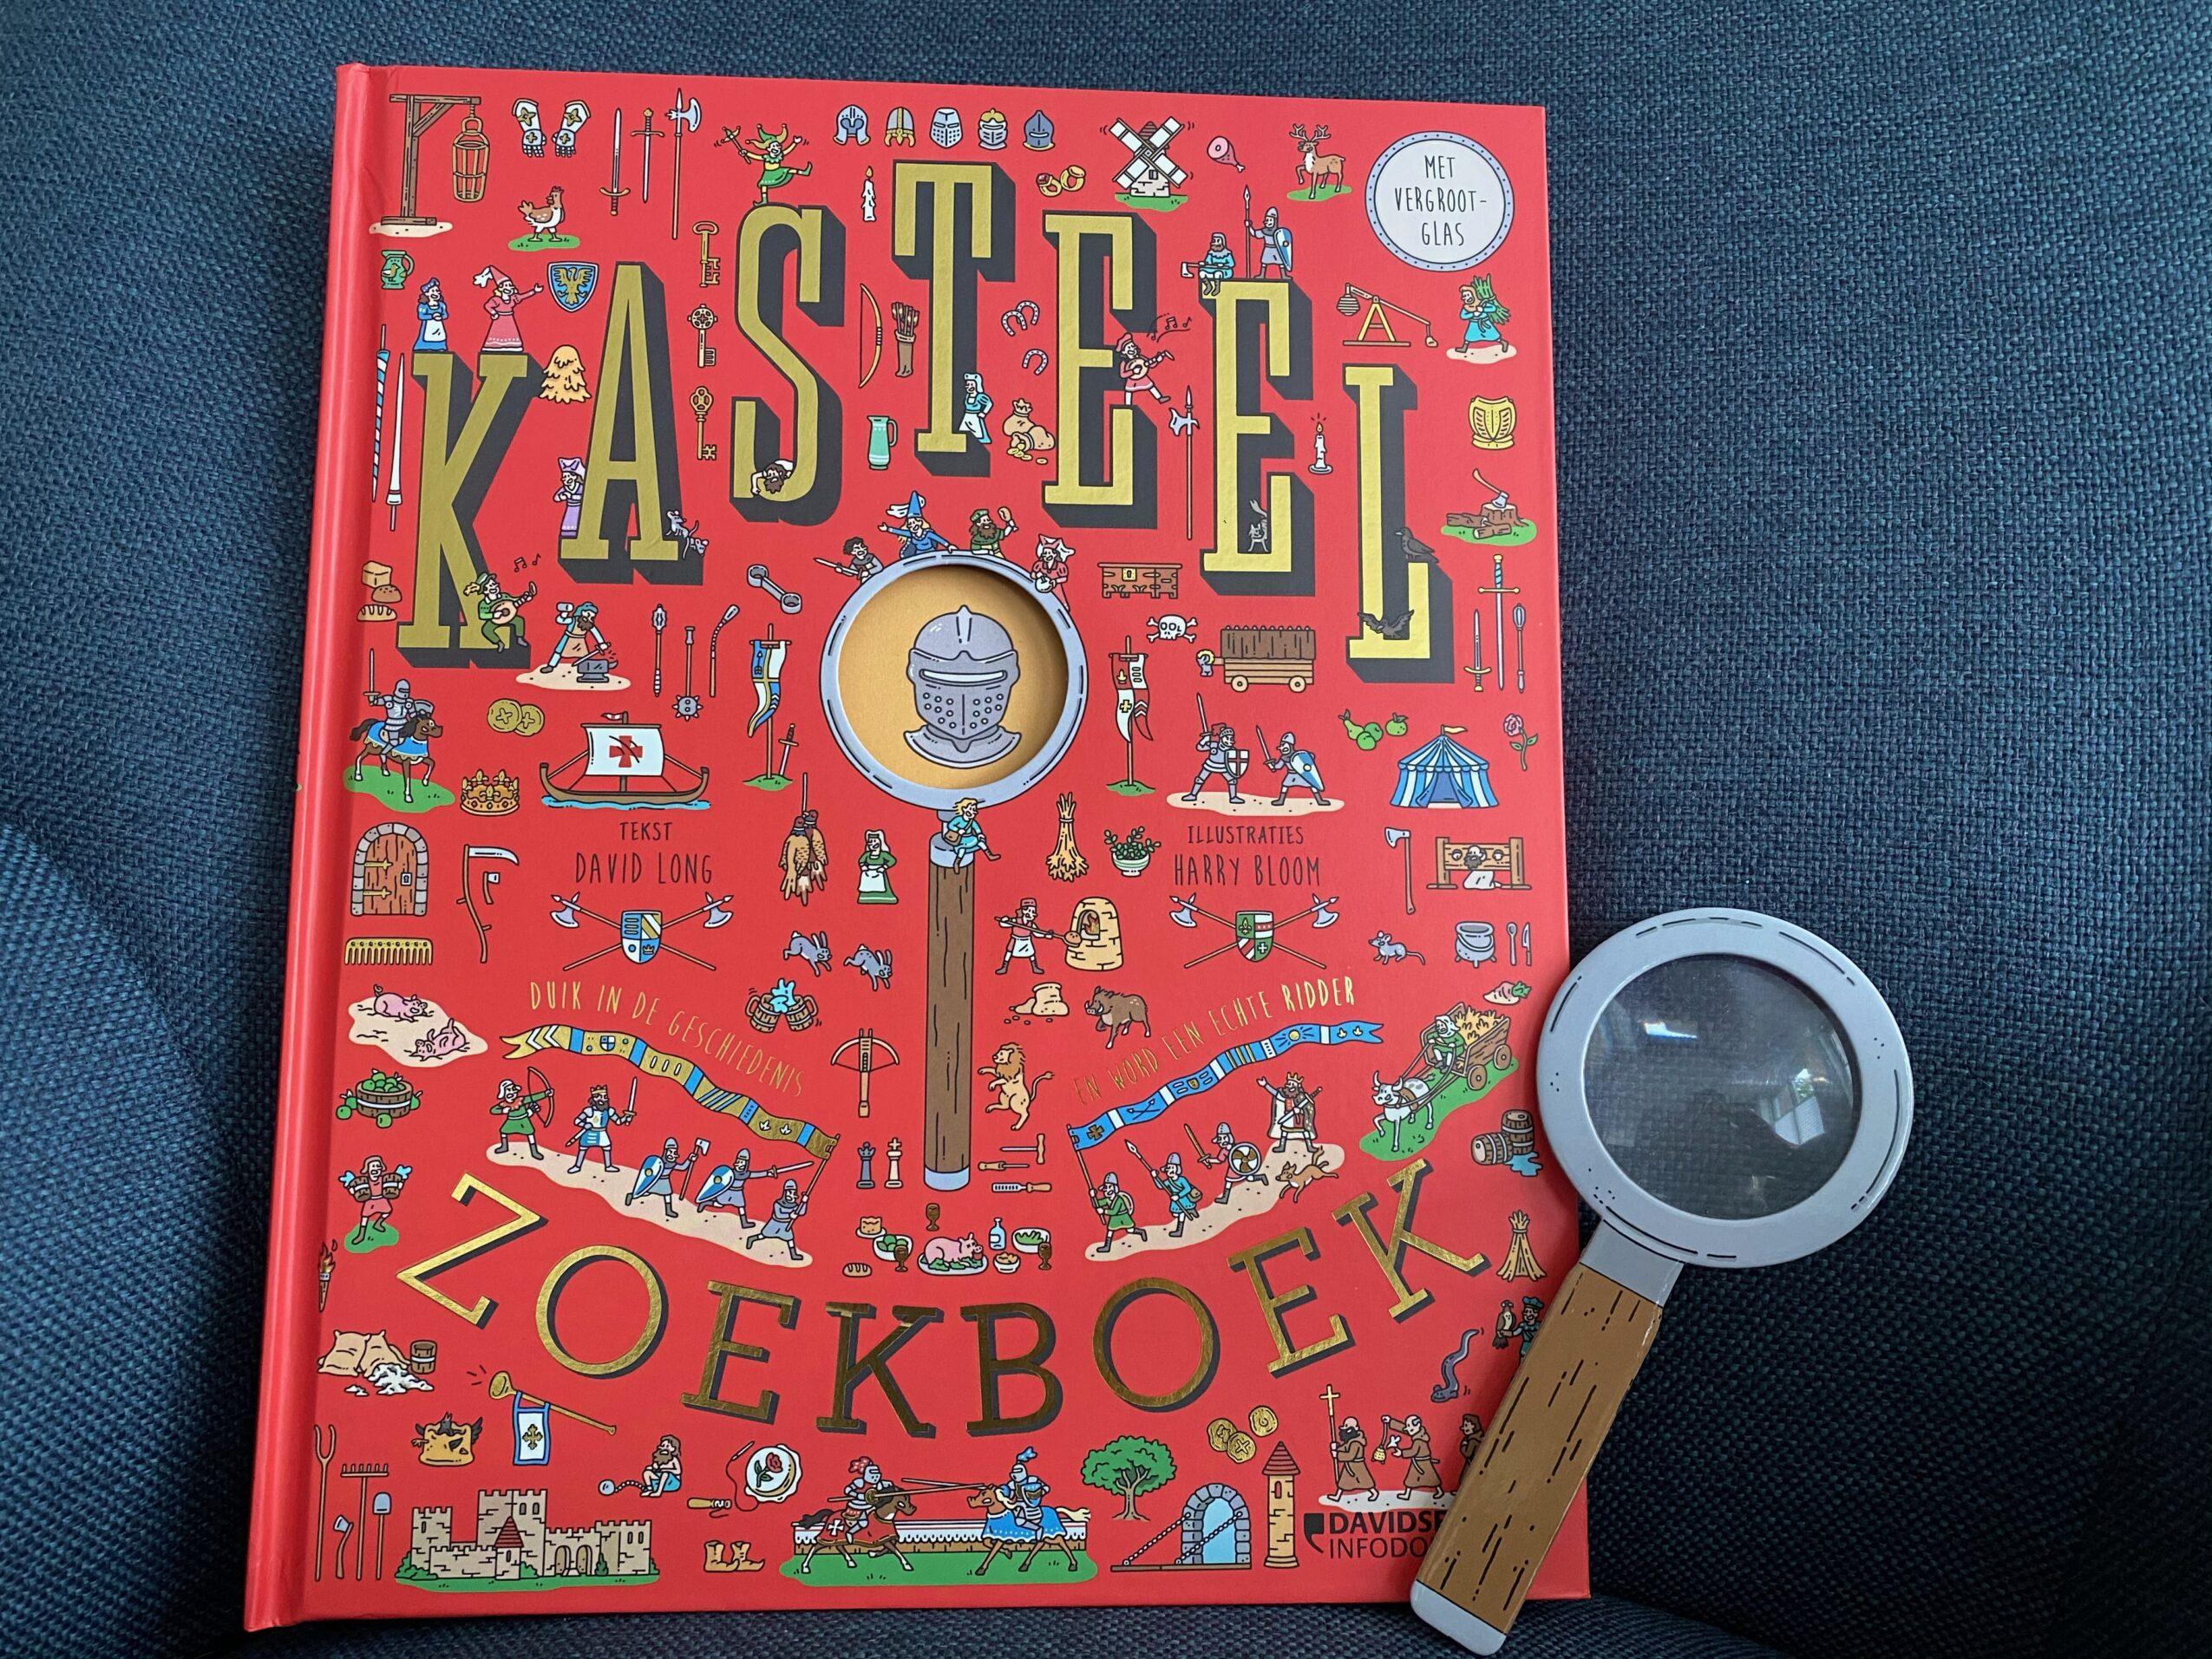 Kasteel zoekboek WIN